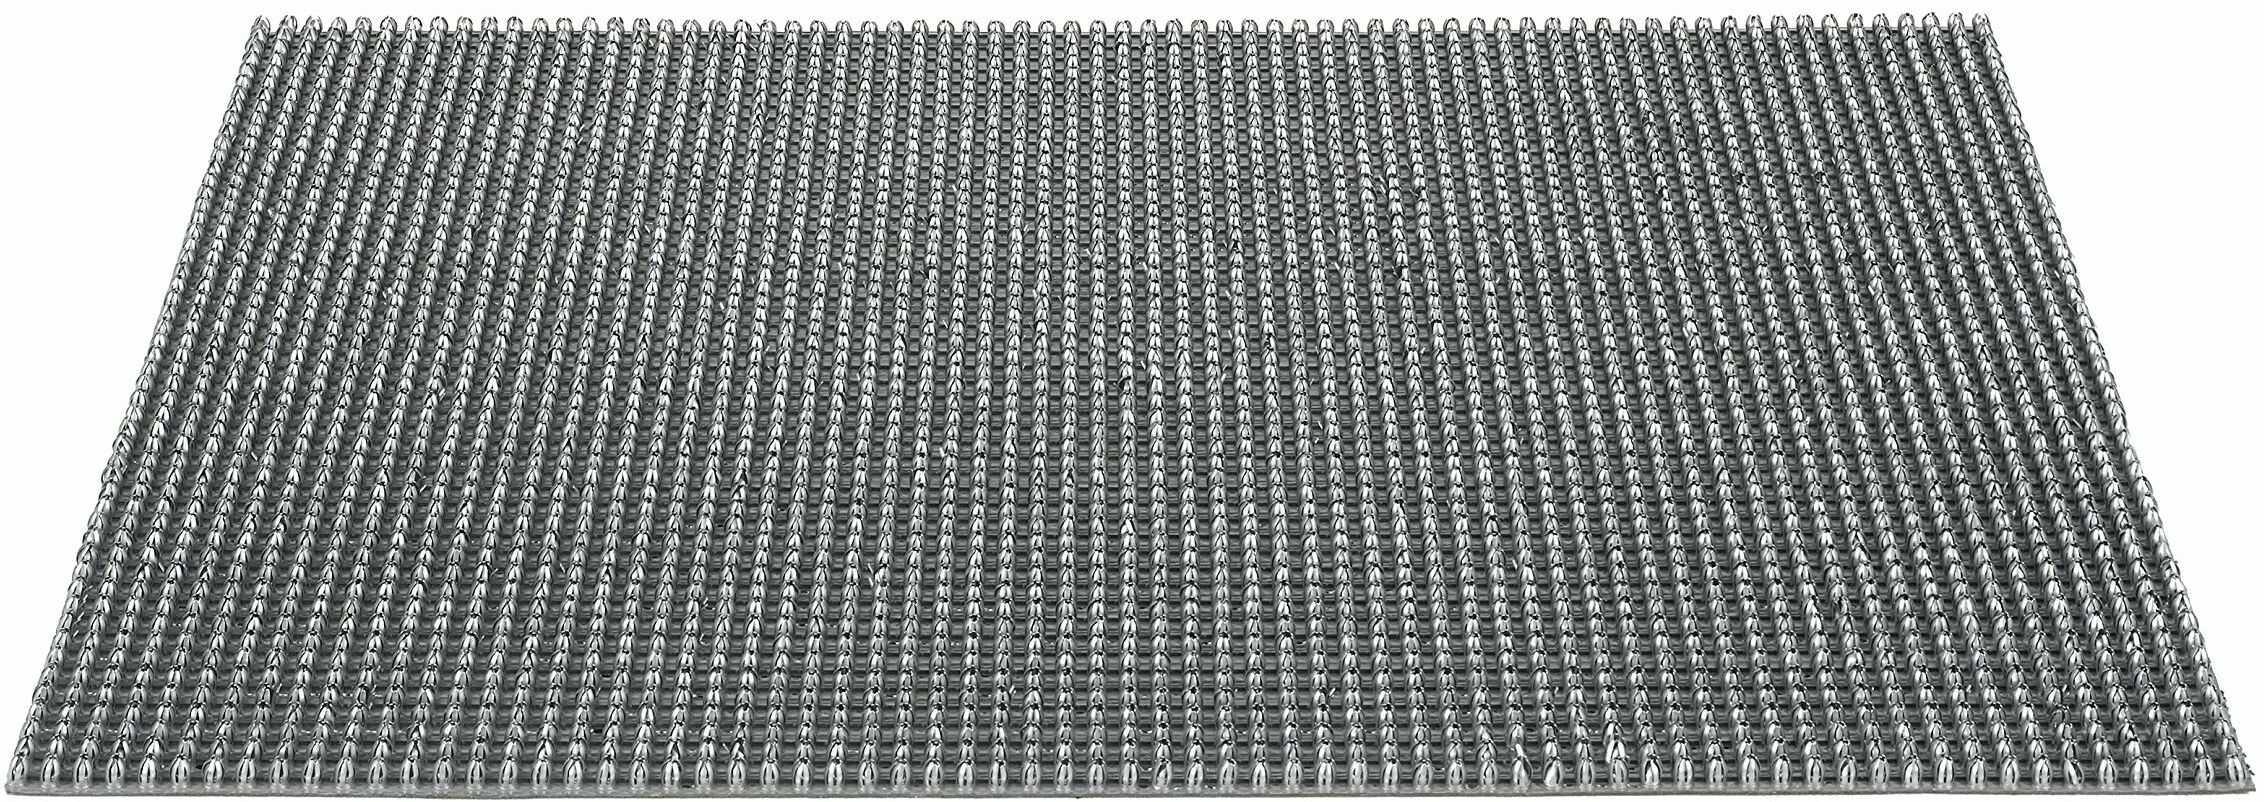 Wycieraczka Queens z polietylenu, do użytku na zewnątrz, na wszystkie pory roku, srebrna, 60 x 80 cm